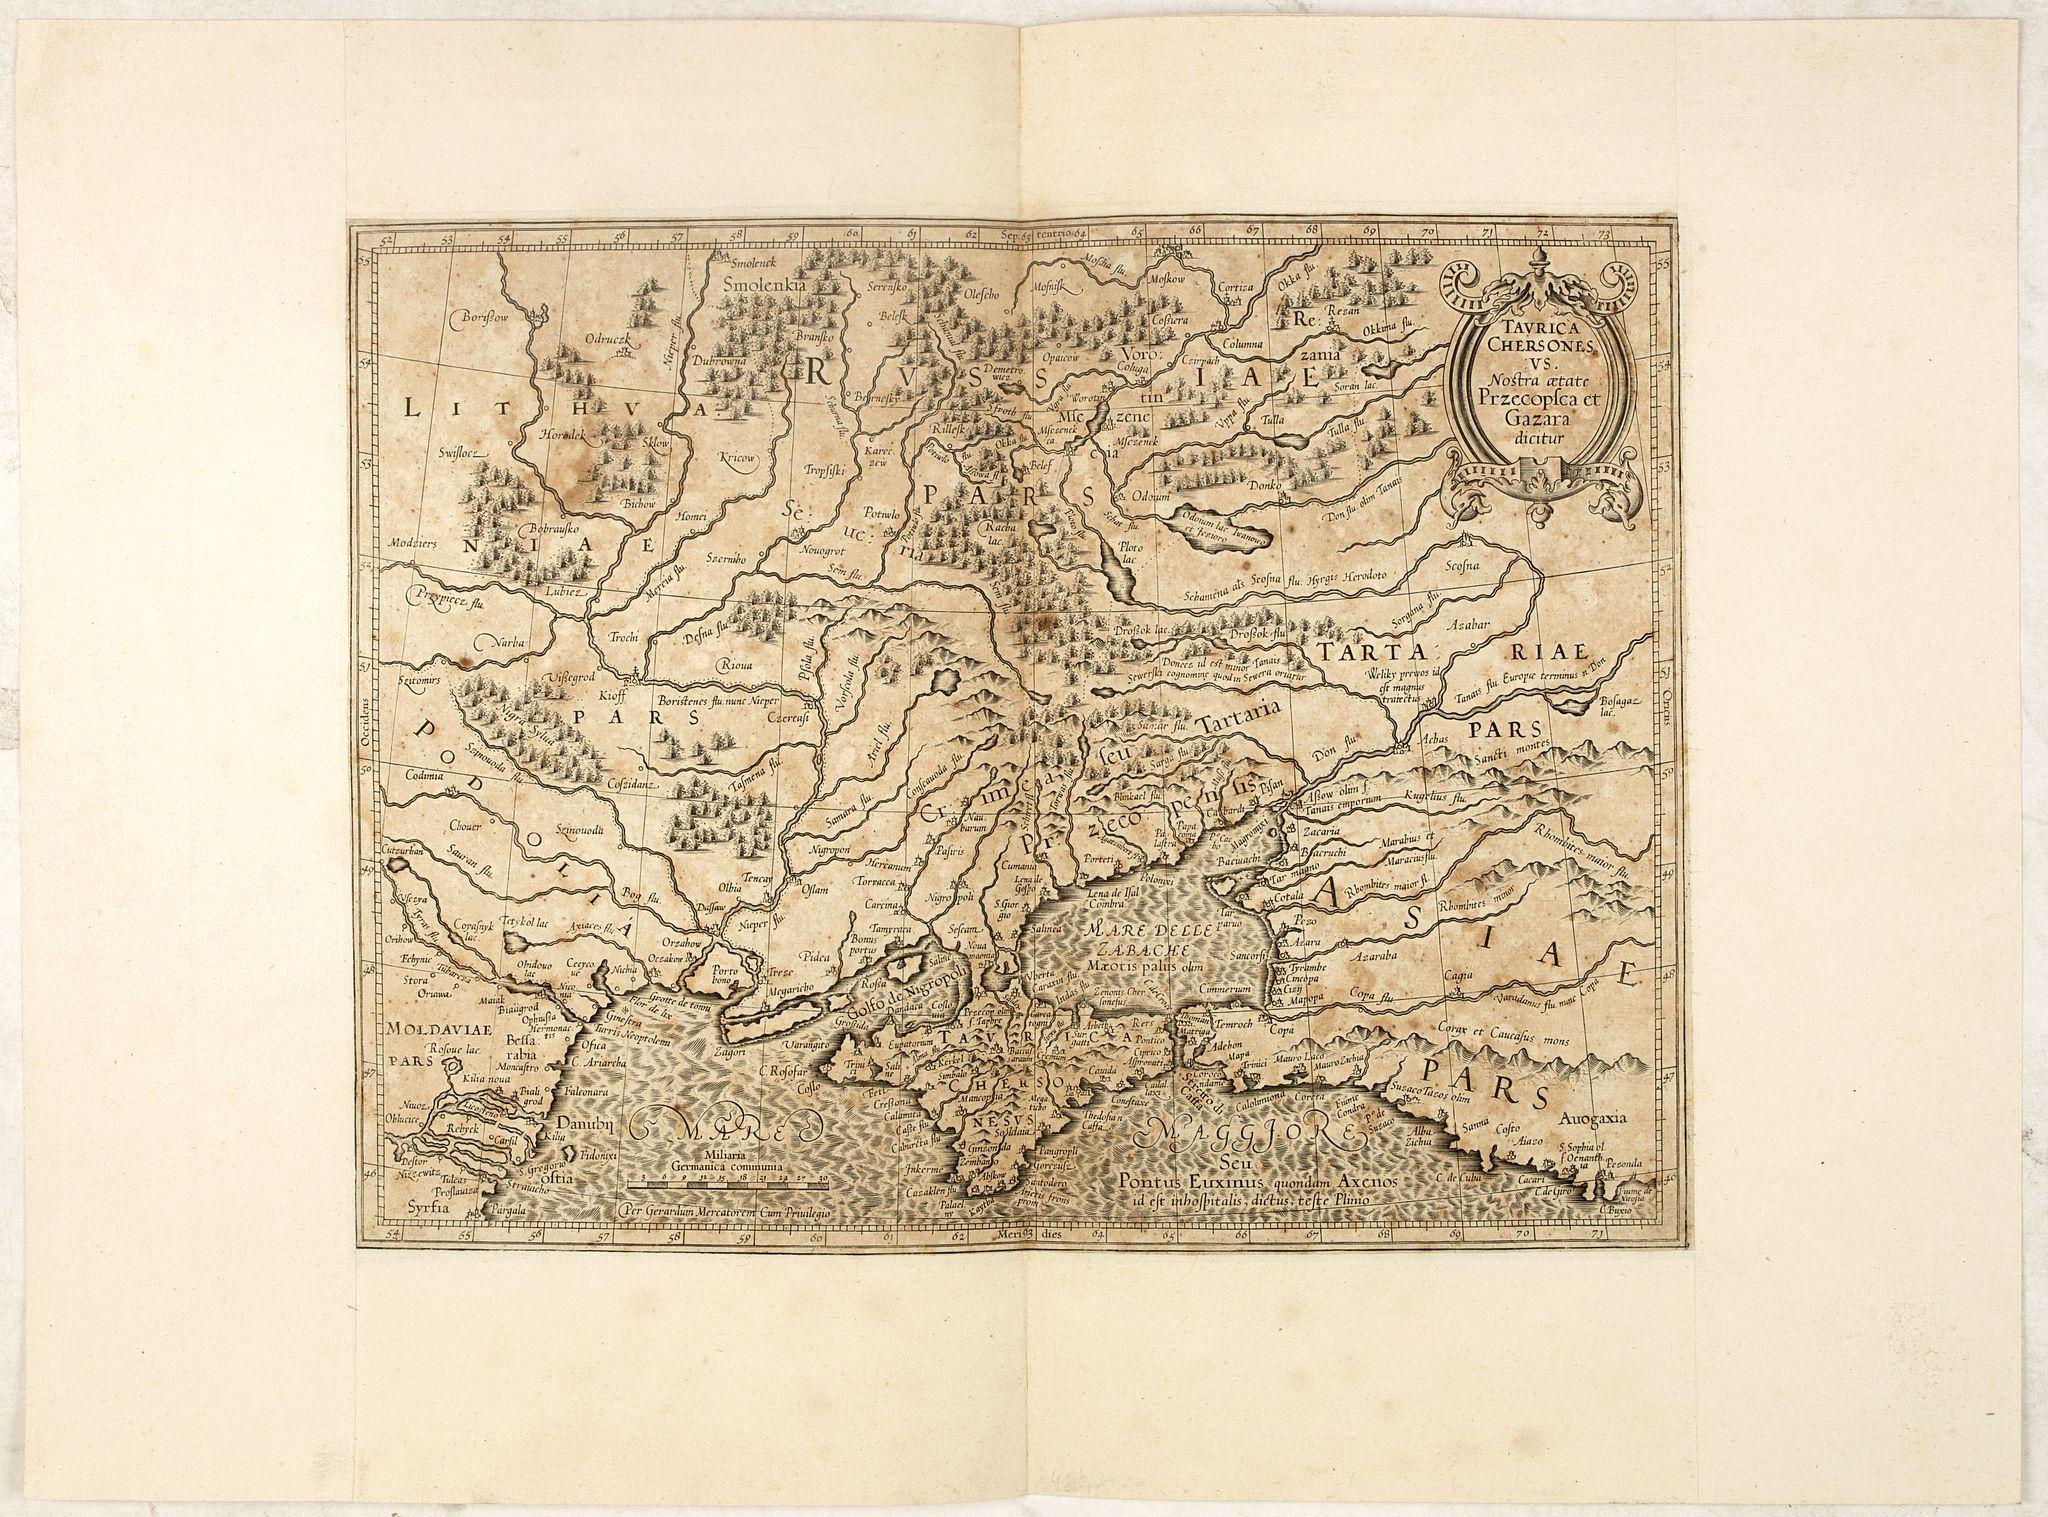 MERCATOR, G. / HONDIUS, J. -  Taurica Chersonesus, Nostra aetate Prezecopsca, et Gazara dicitur.